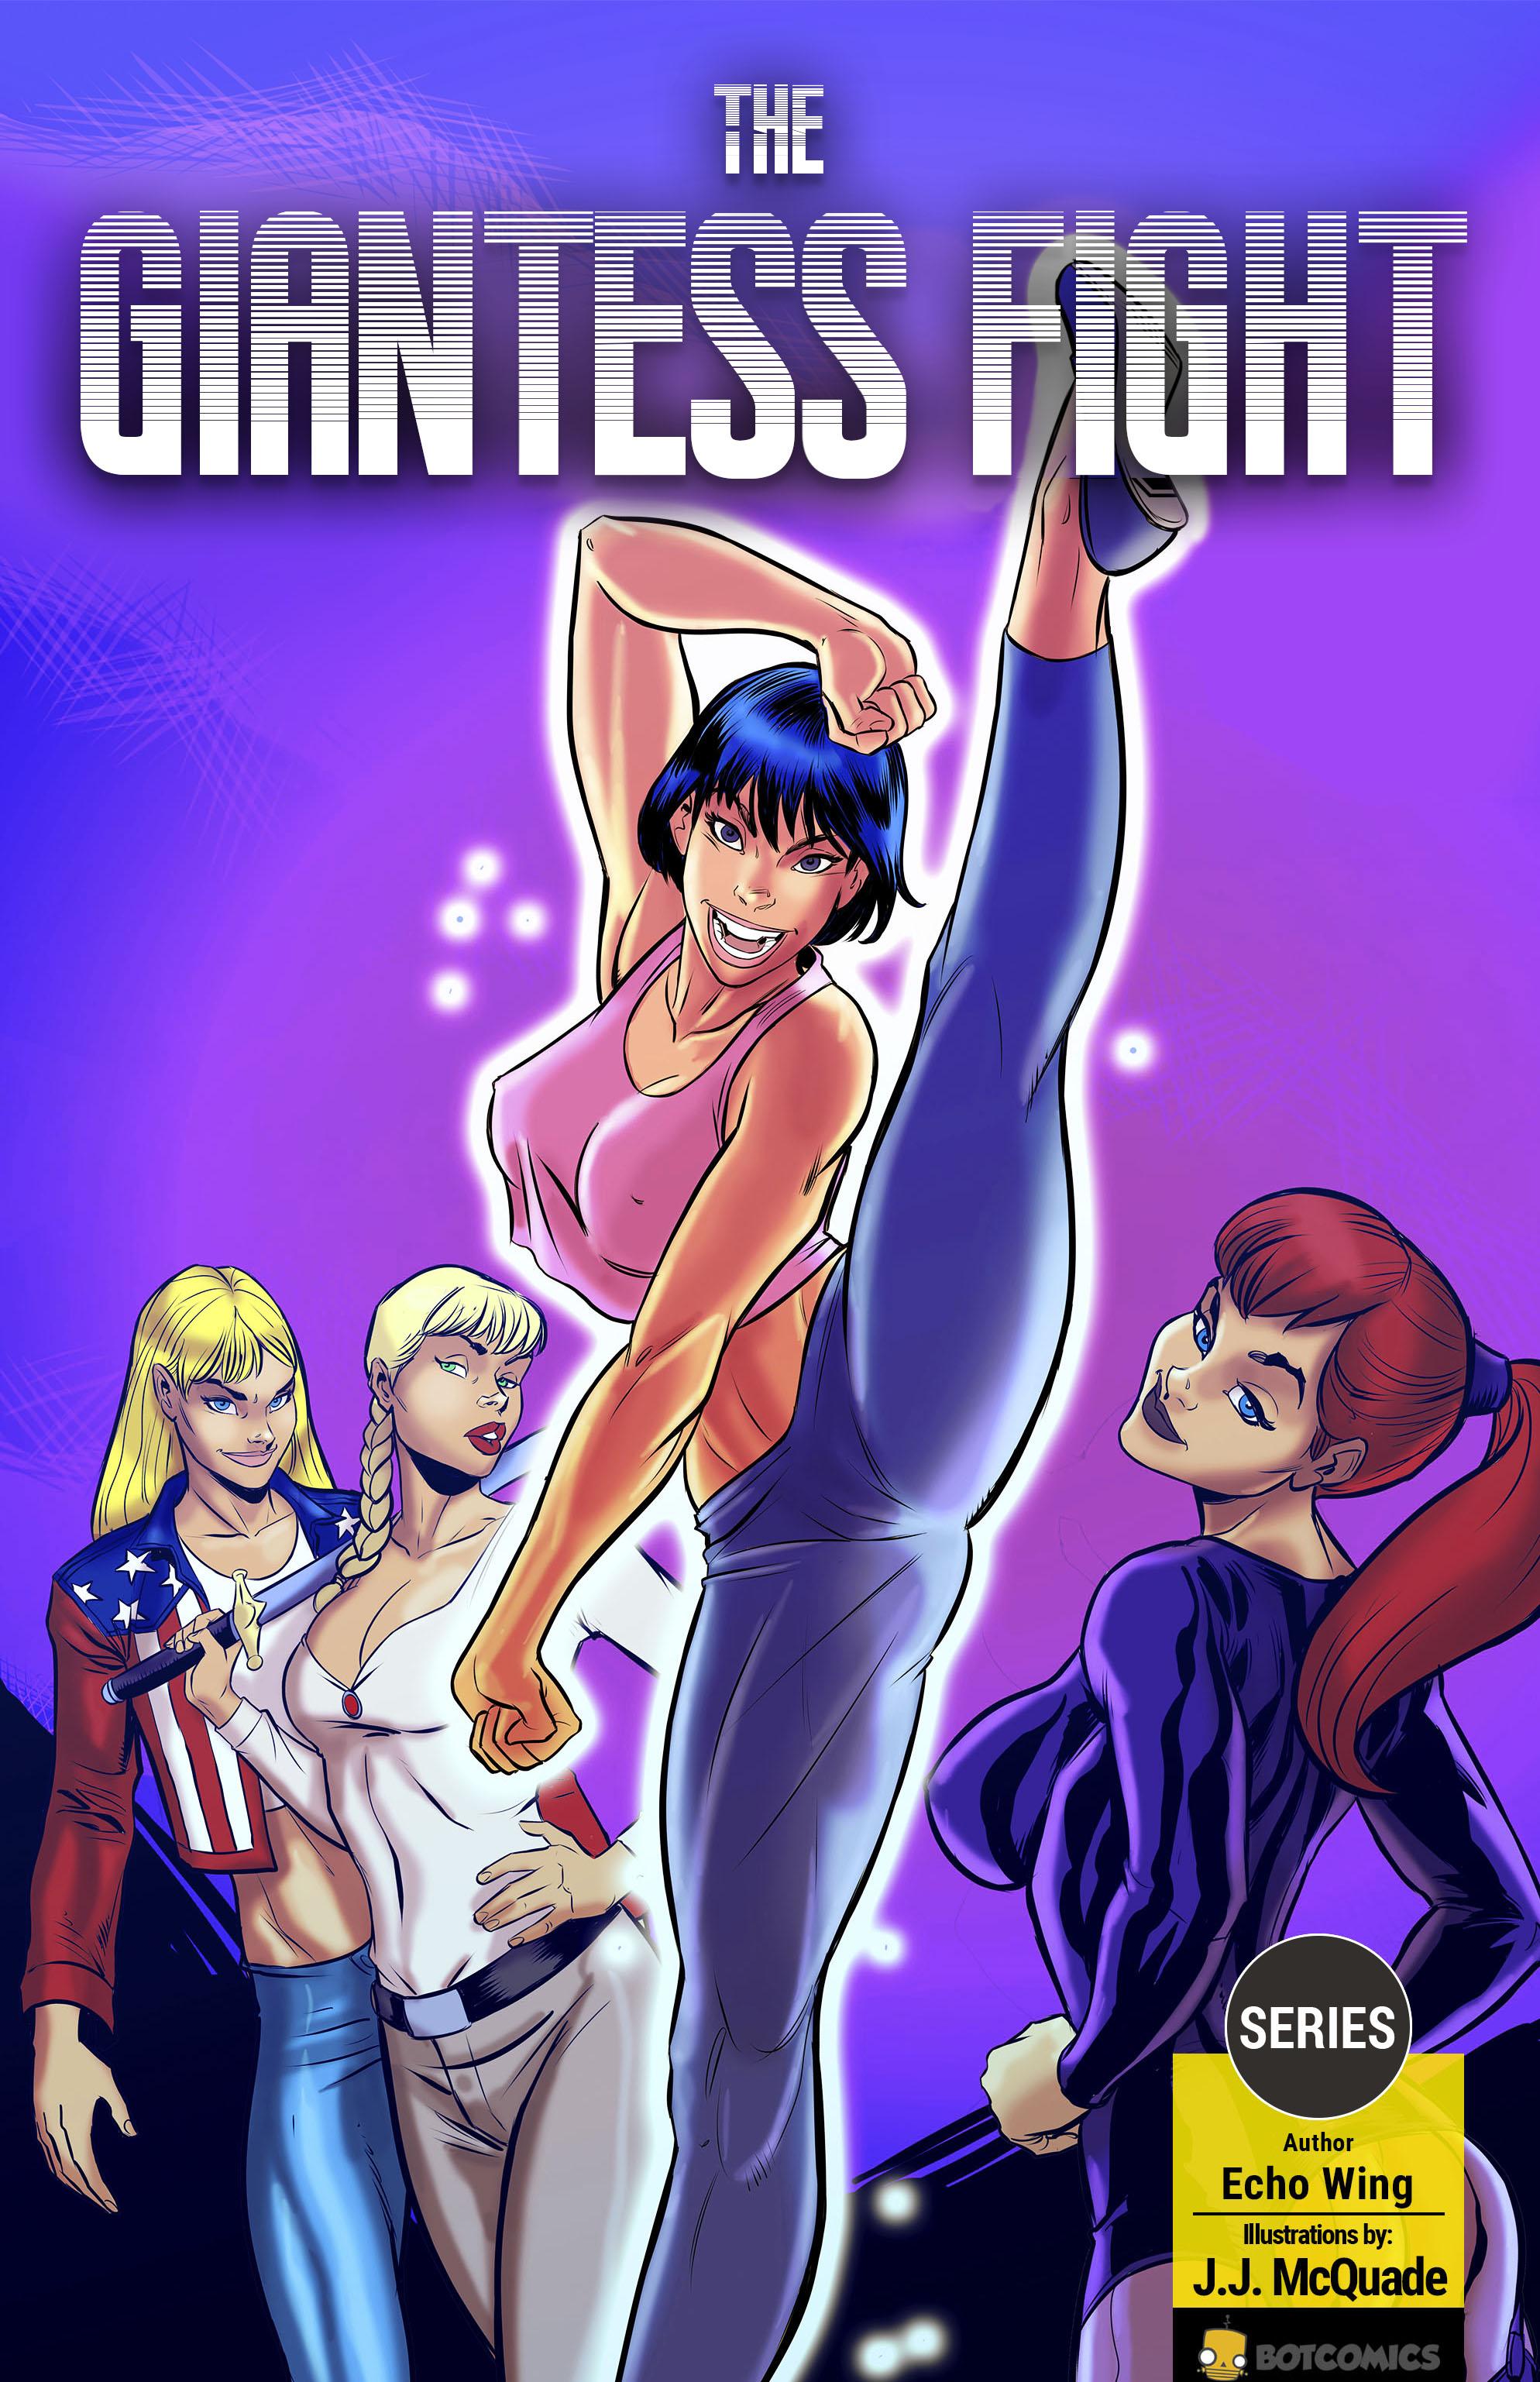 Amazon Anime Porn 50Ft the giantess fight | botcomics